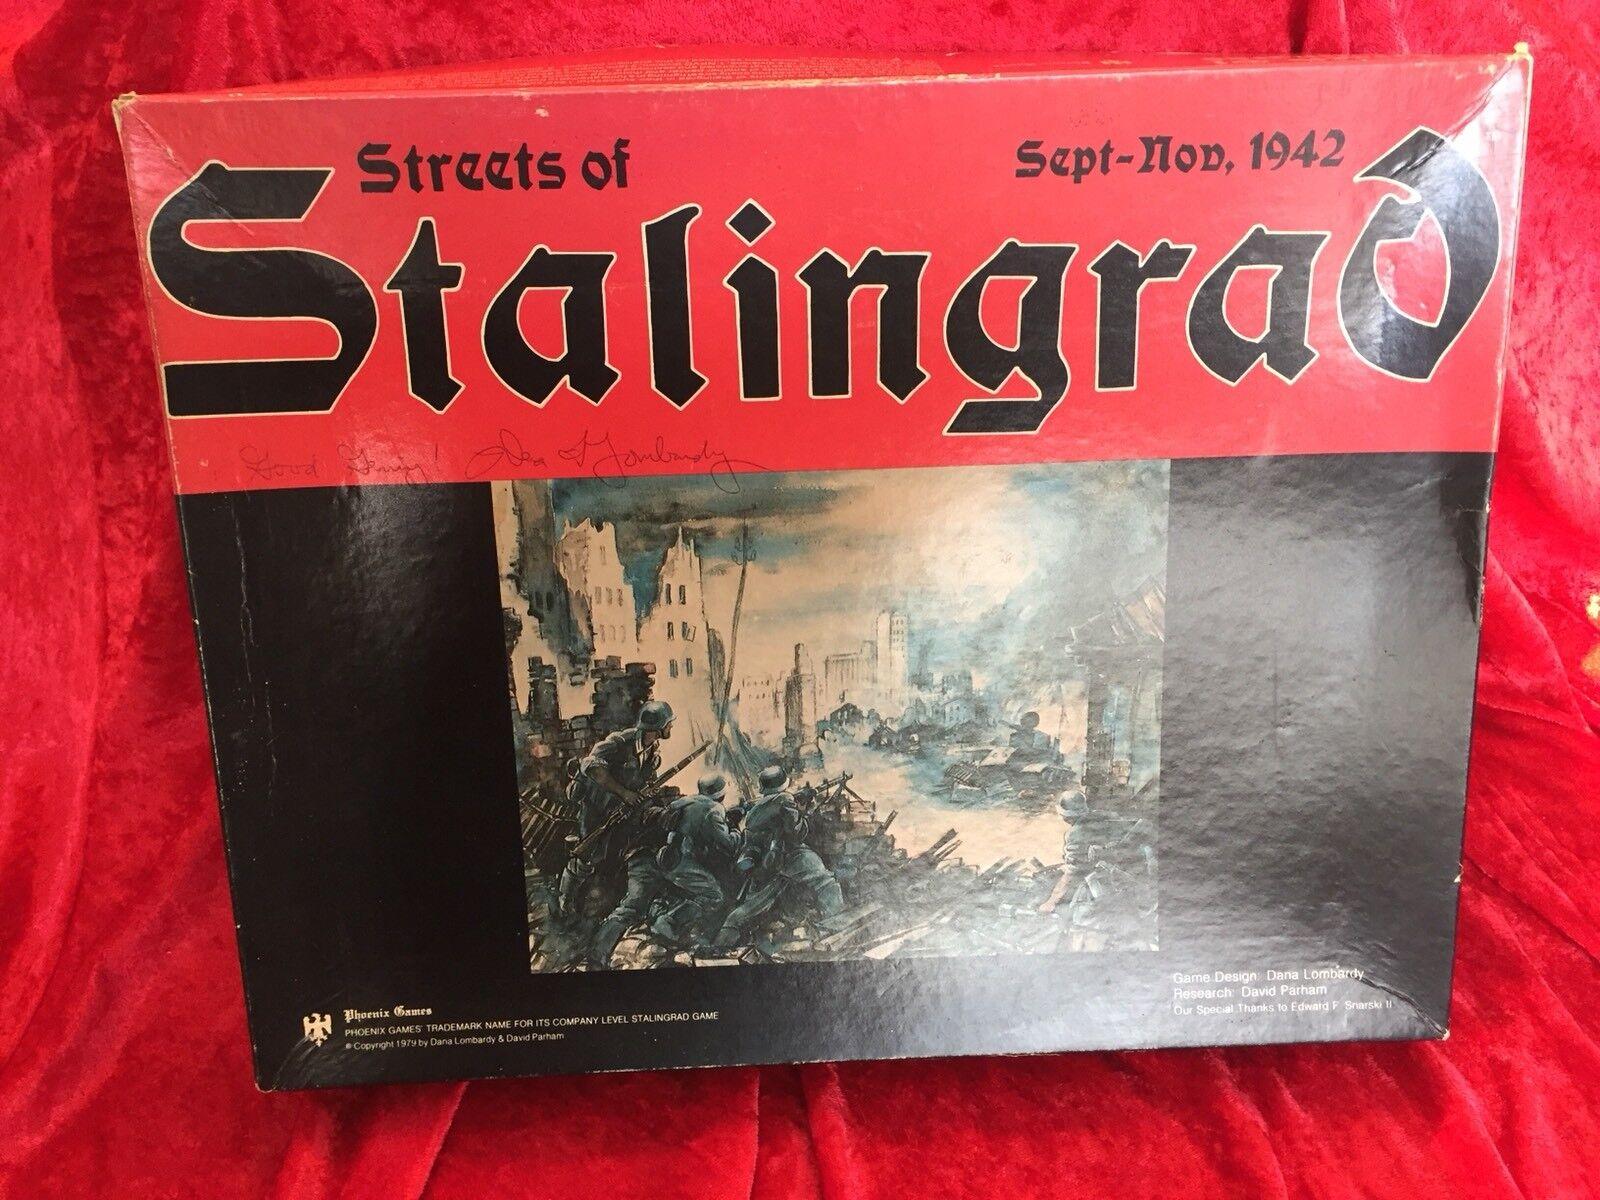 Raro 1st Edición-Firmado Por Dana Lombardía  calles de de de Stalingrado - 1979 Vintage  mejor oferta